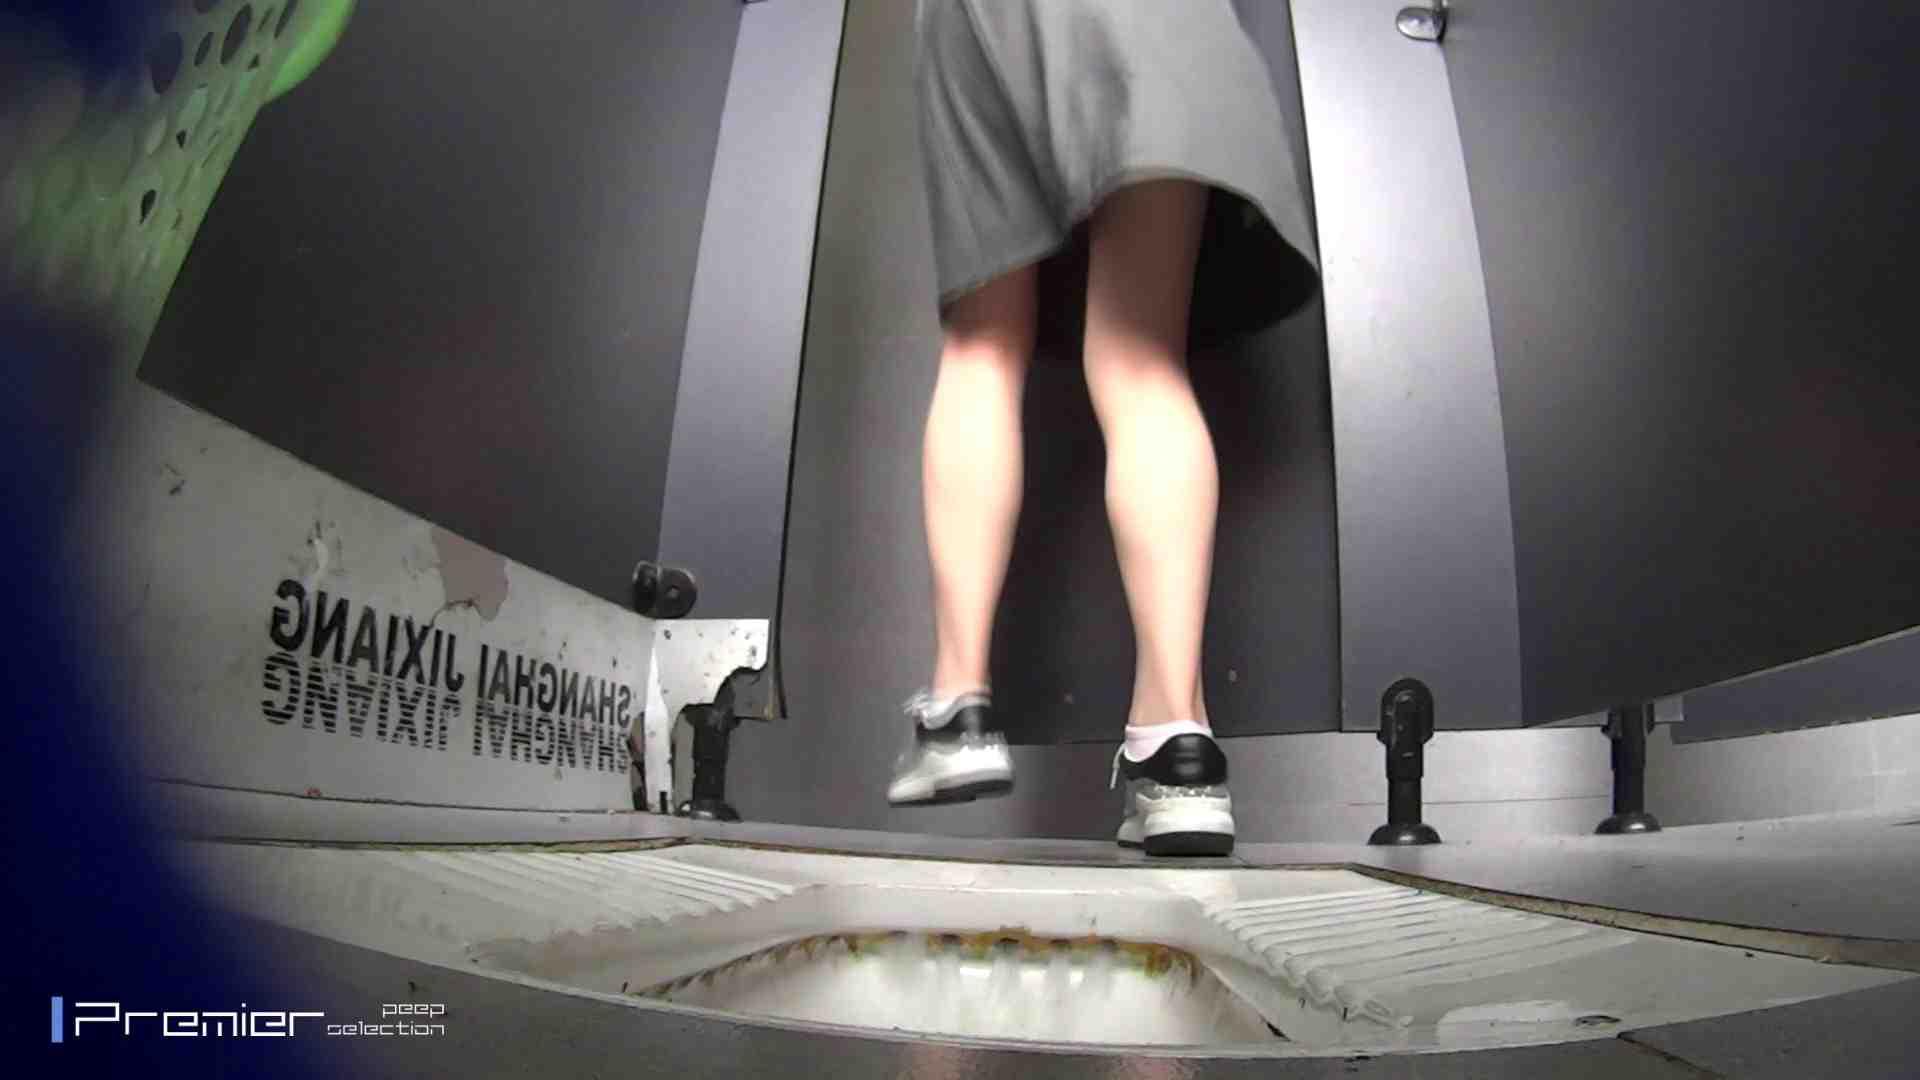 夏全開!ハーフパンツのギャル達 大学休憩時間の洗面所事情44 盗撮 のぞき動画画像 70PIX 46